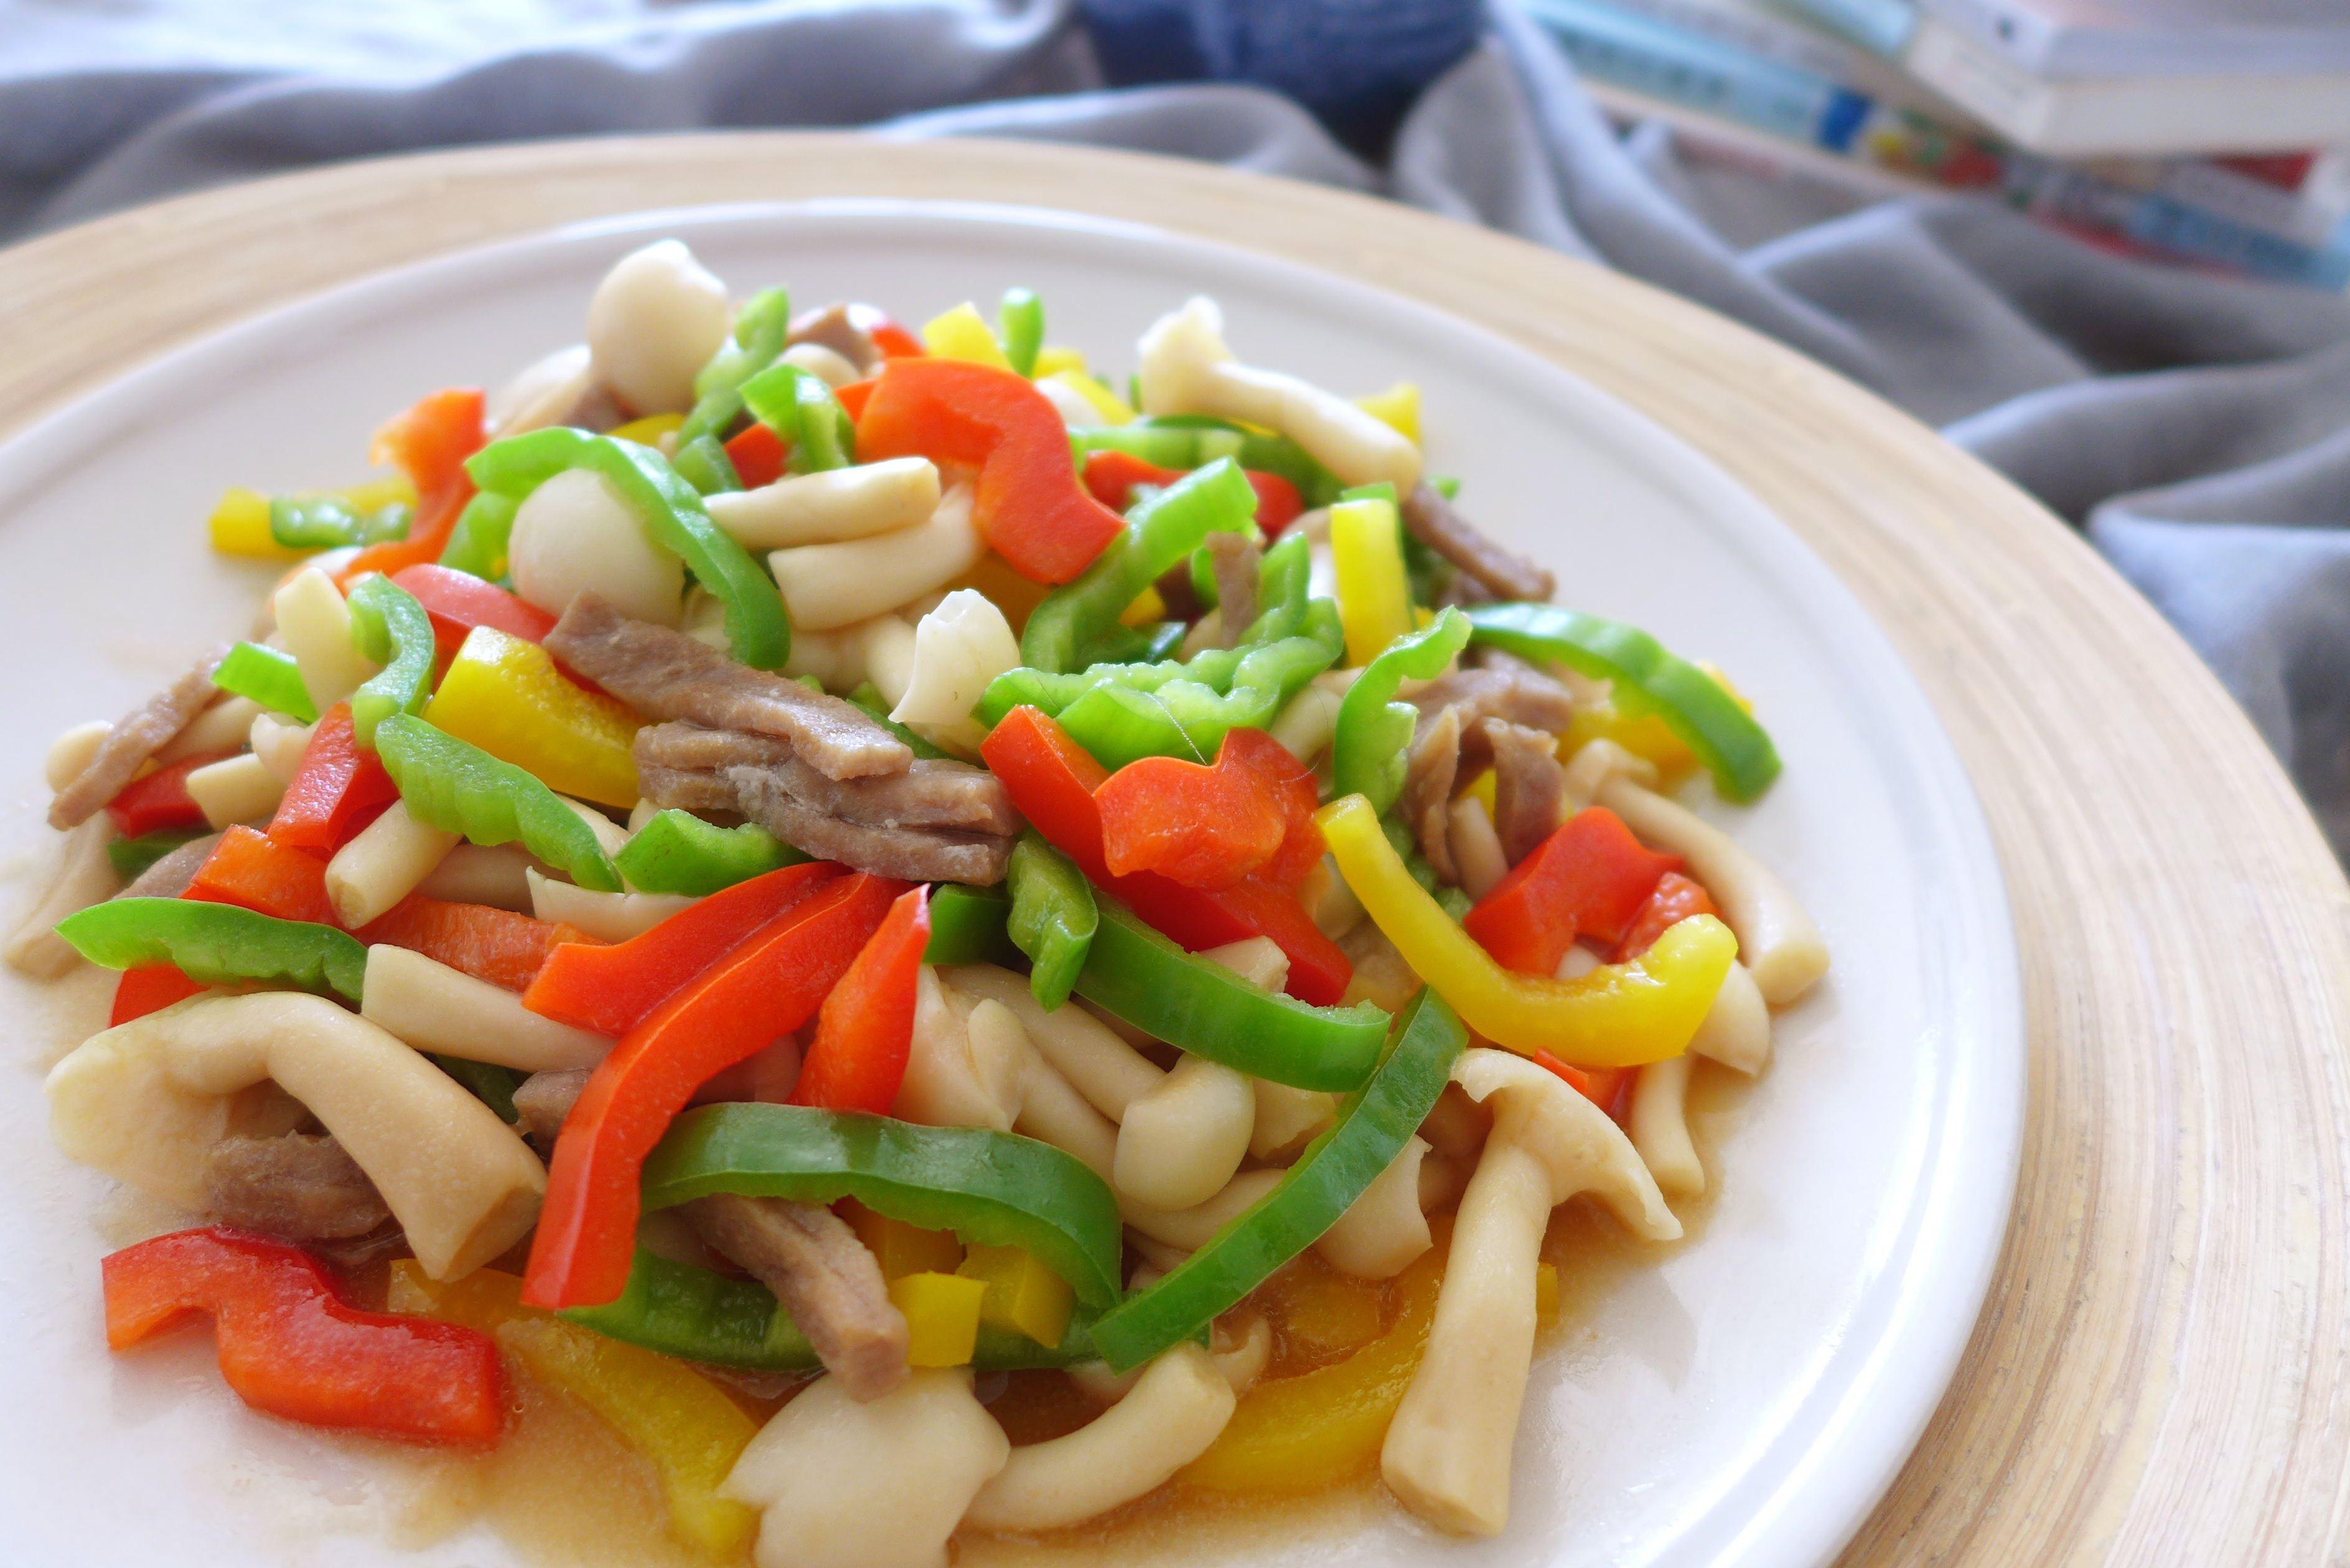 彩椒牛肉炒美食的菜谱_做法_豆果鱿鱼蘑菇煮久了怎么办图片